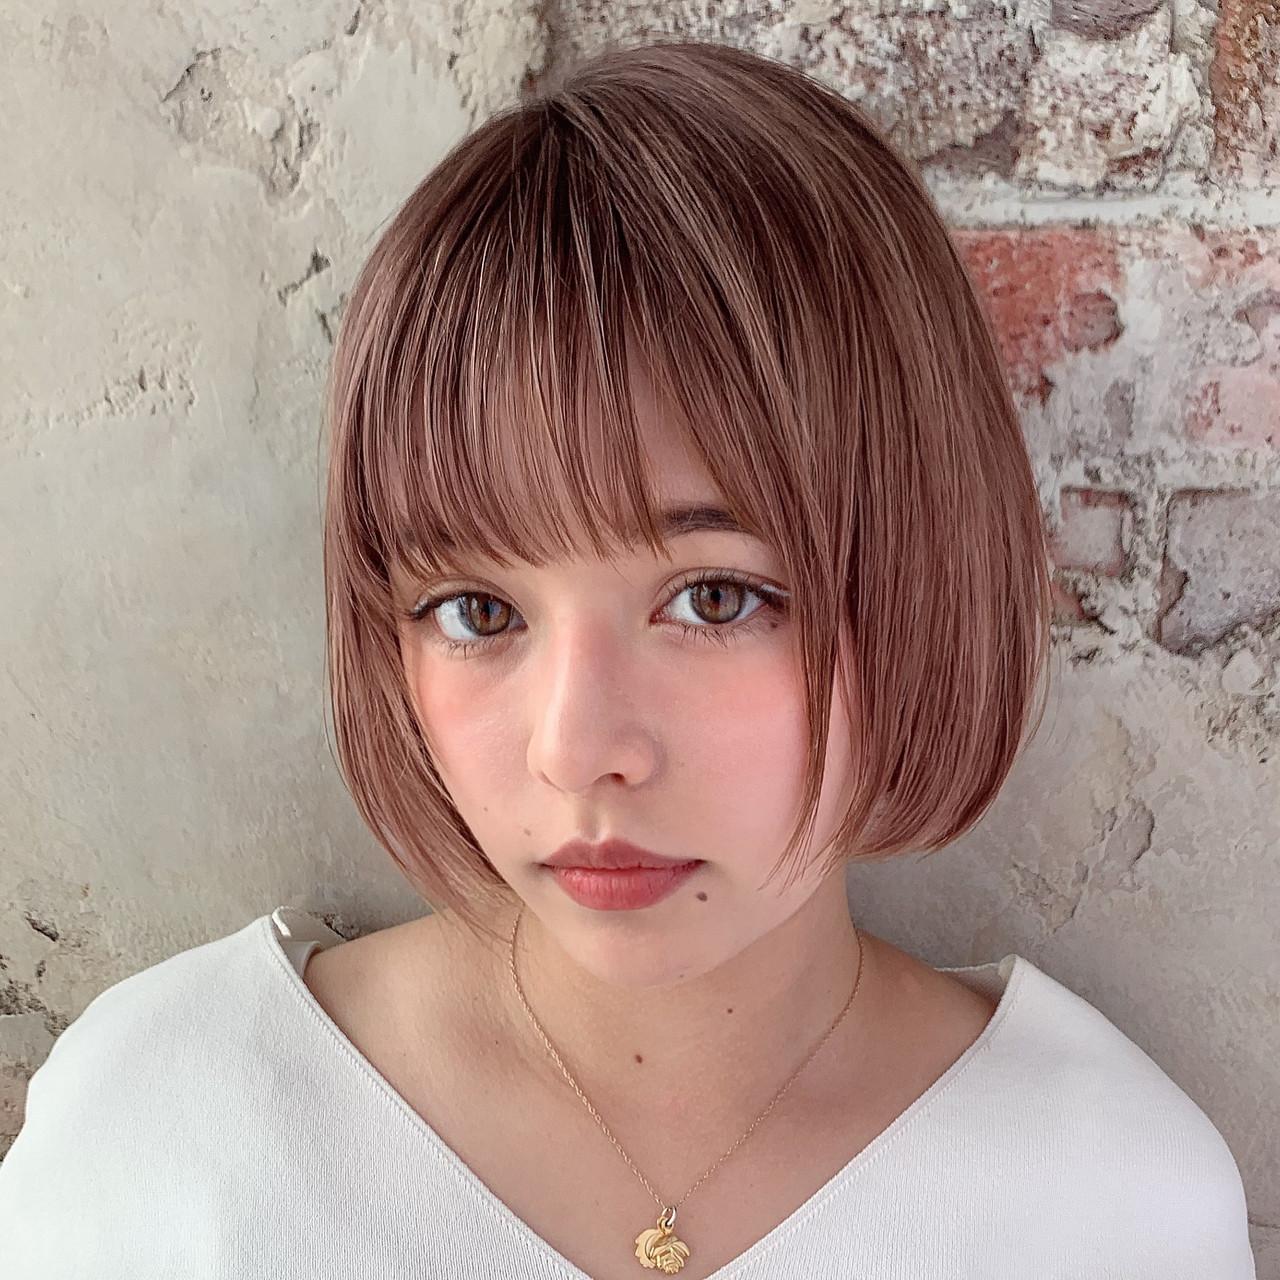 お洒落 ミニボブ 小顔ヘア ナチュラル ヘアスタイルや髪型の写真・画像